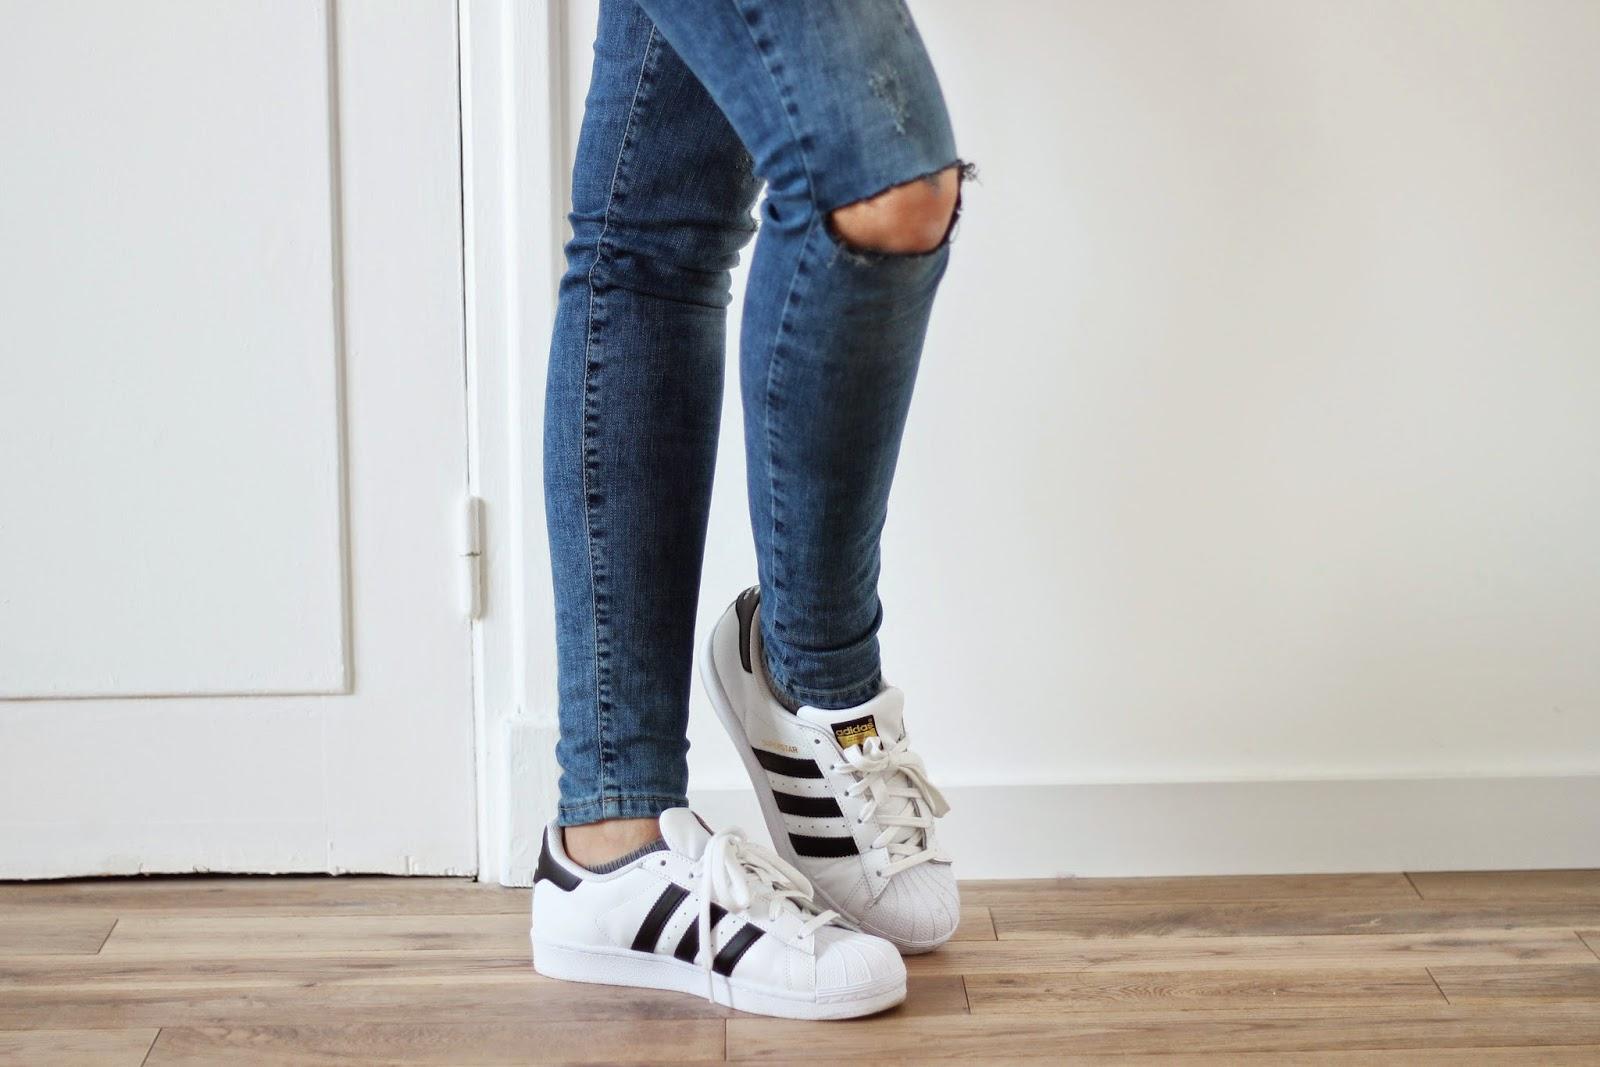 chaussure femme blanche porte